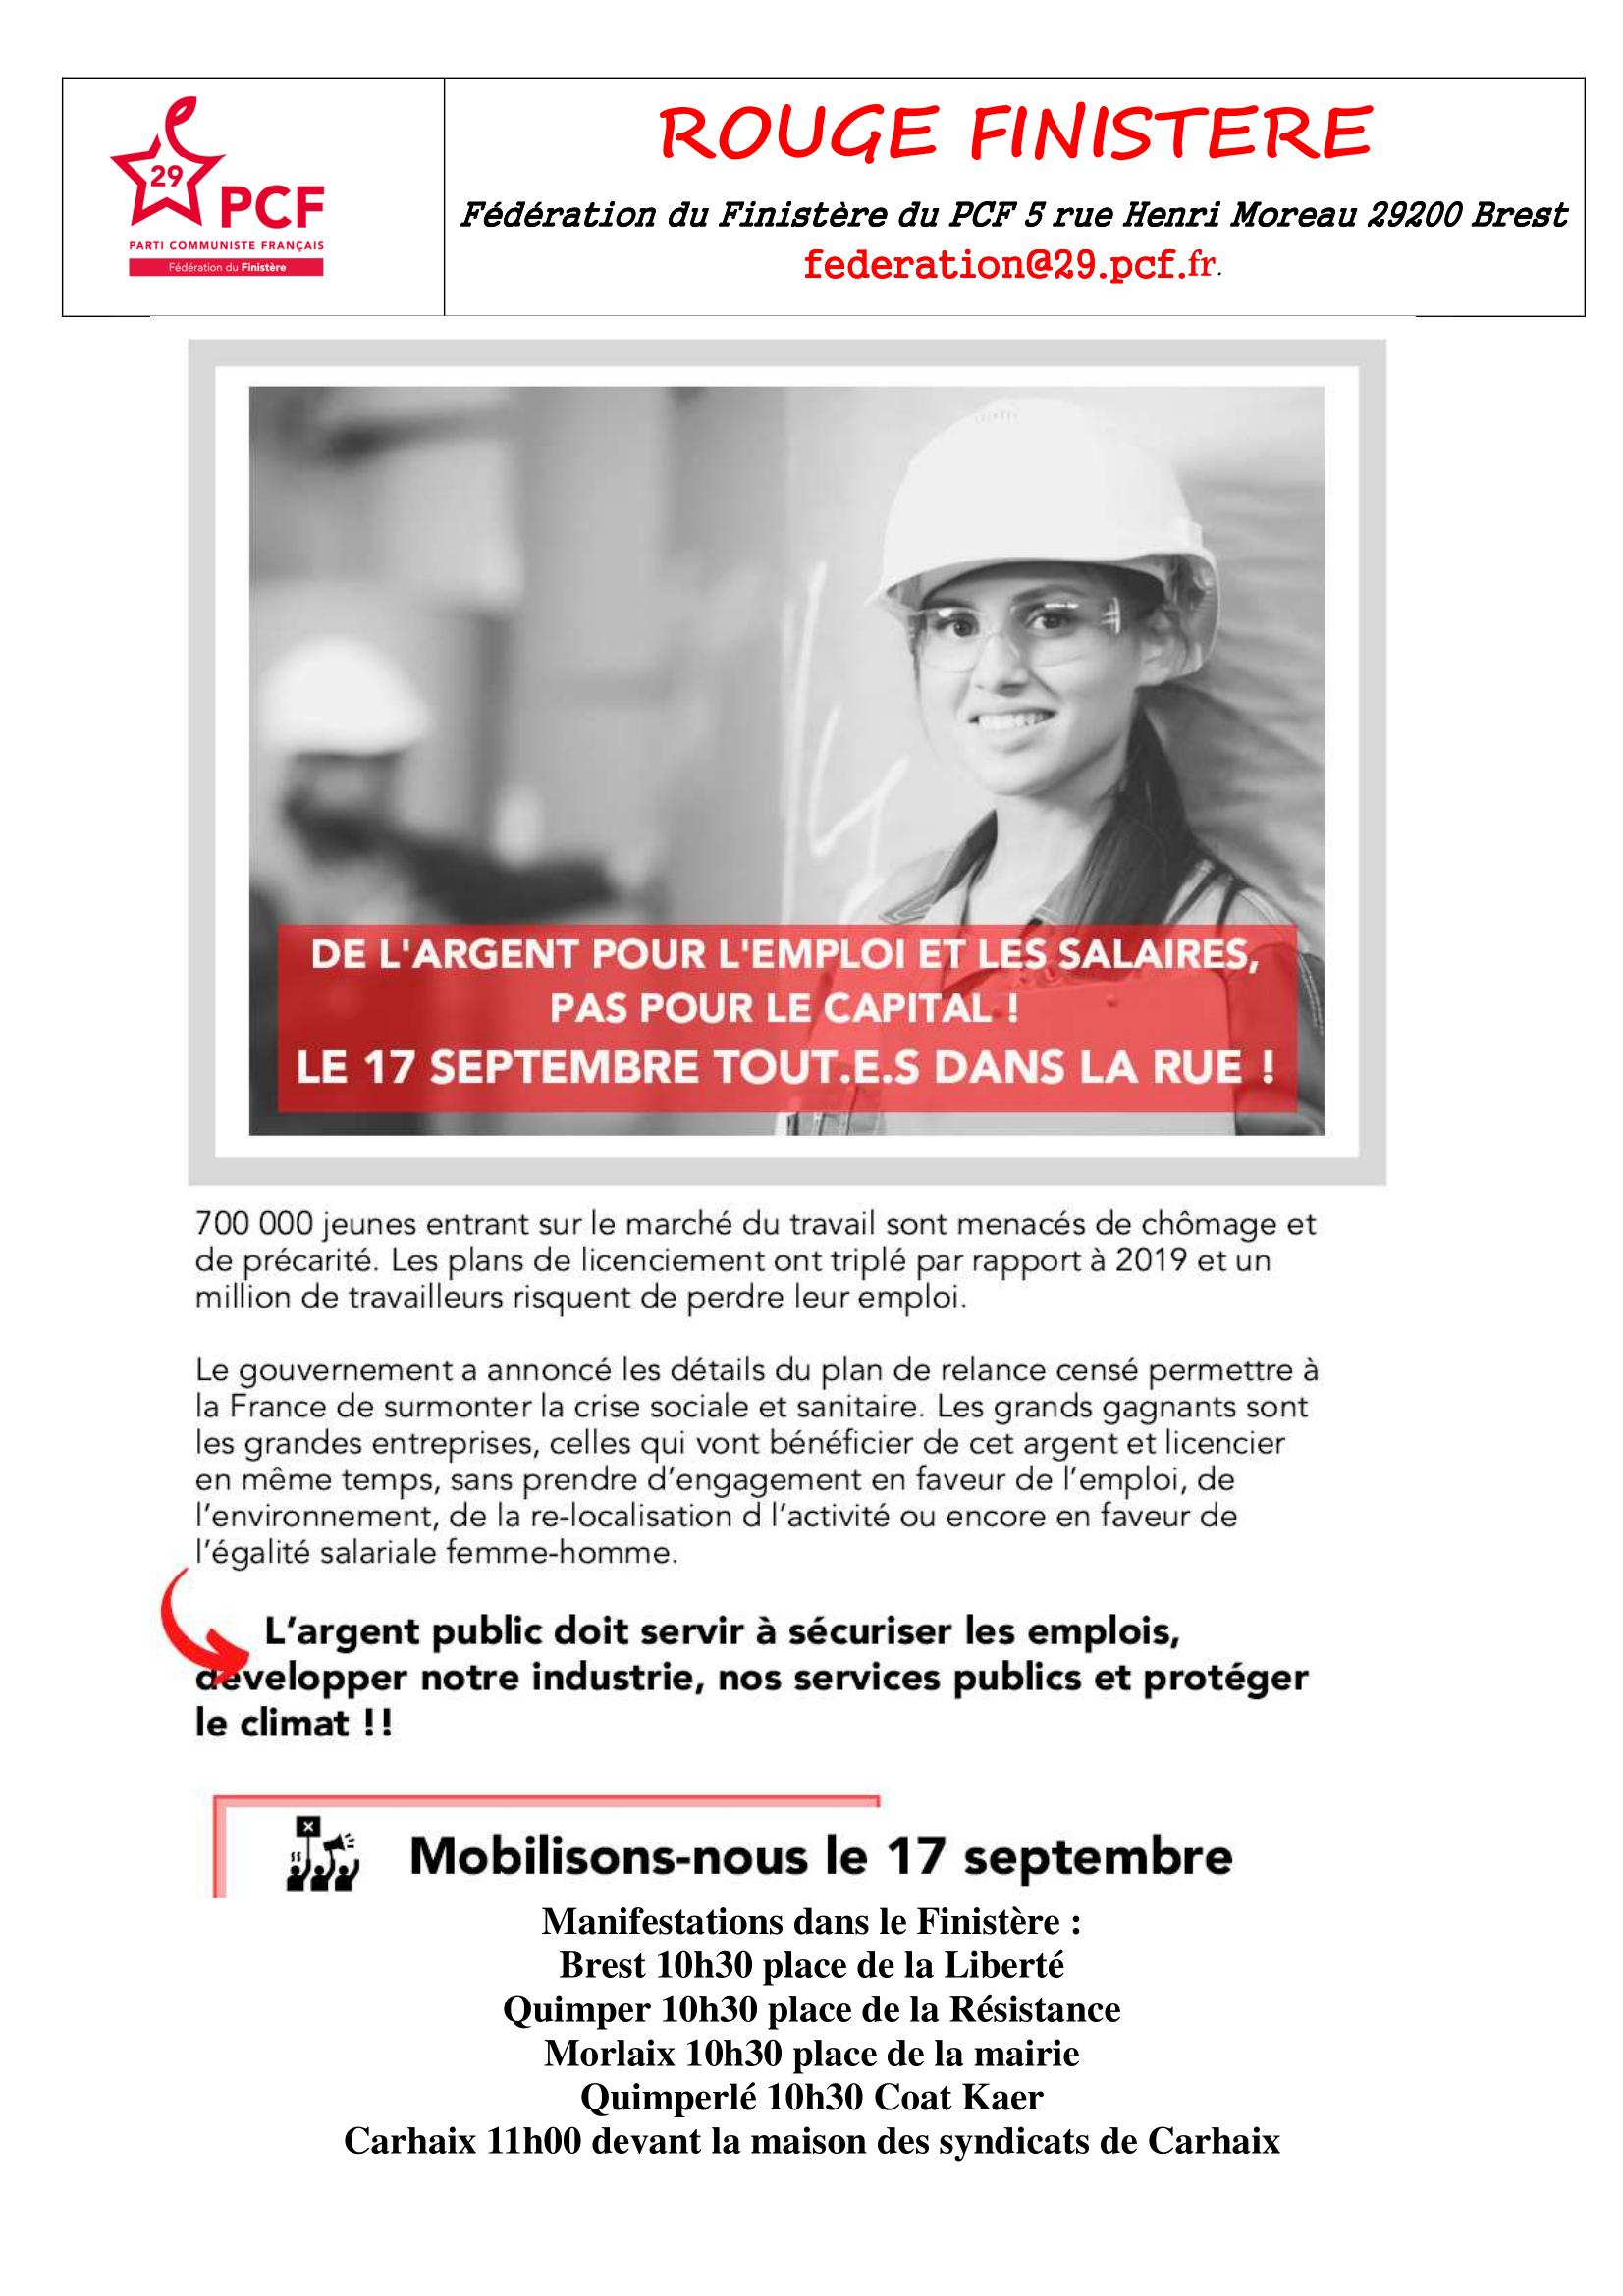 17 septembre : de l'argent pour l'emploi et les salaires, pas pour le capital !